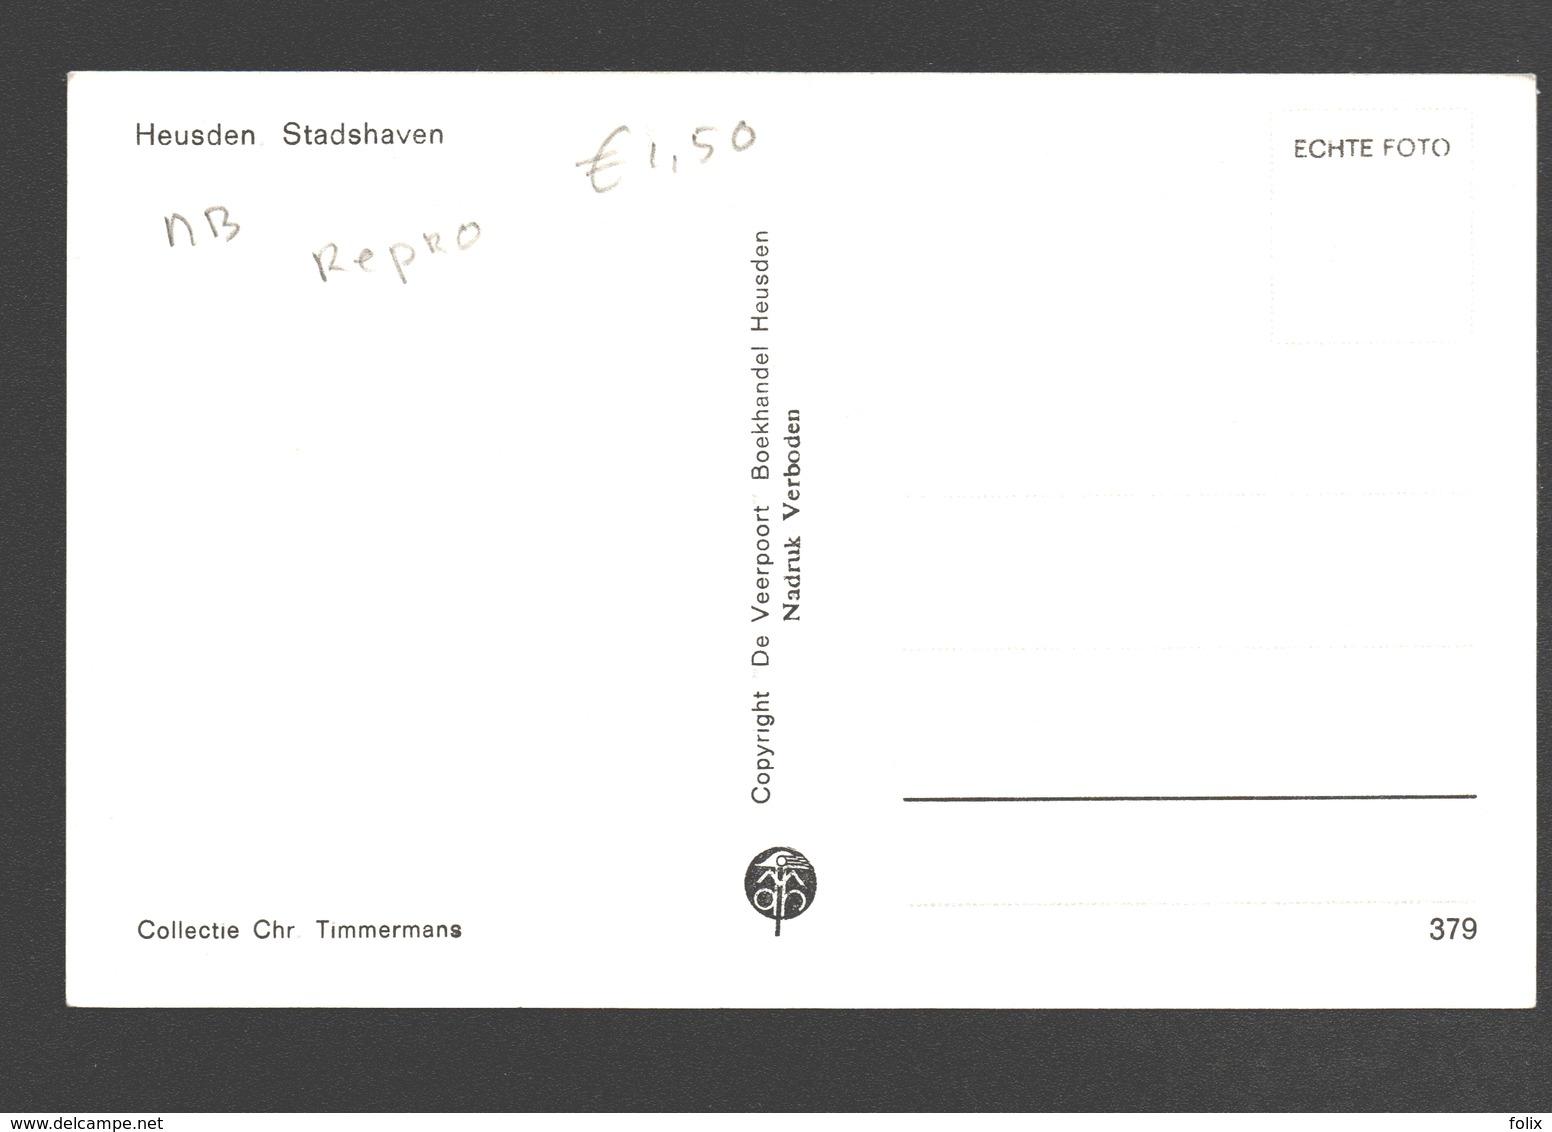 Heusden - Stadshaven - Groet Uit Heusden - Reproductie Uitgave De Veerpoort, Boekhandel Heusden - Vissersboot - Pays-Bas